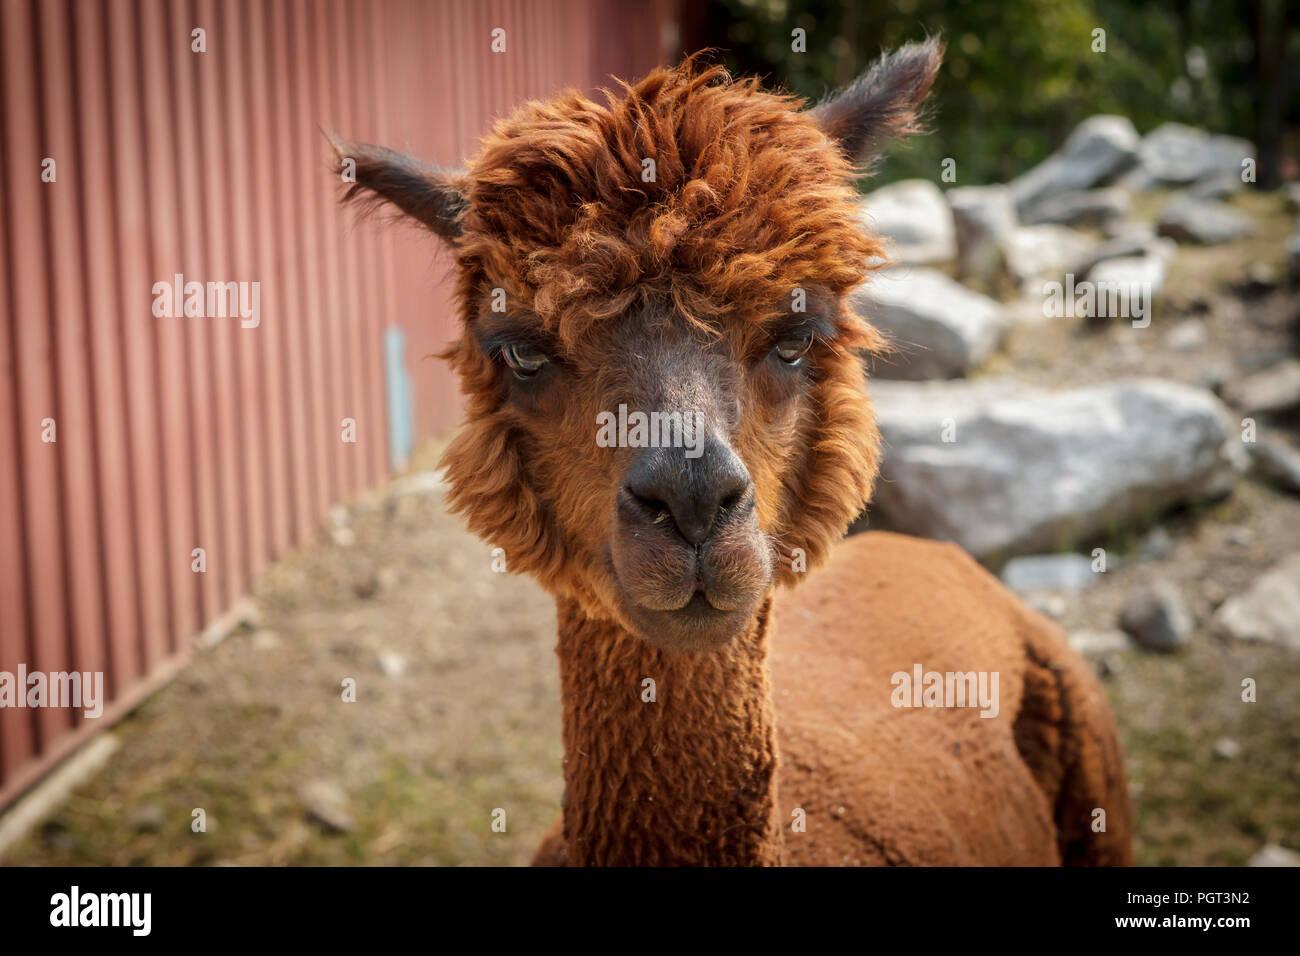 Un retrato de un lindo color marrón rojizo alpaca en Coeur d'Alene, Idaho. Imagen De Stock